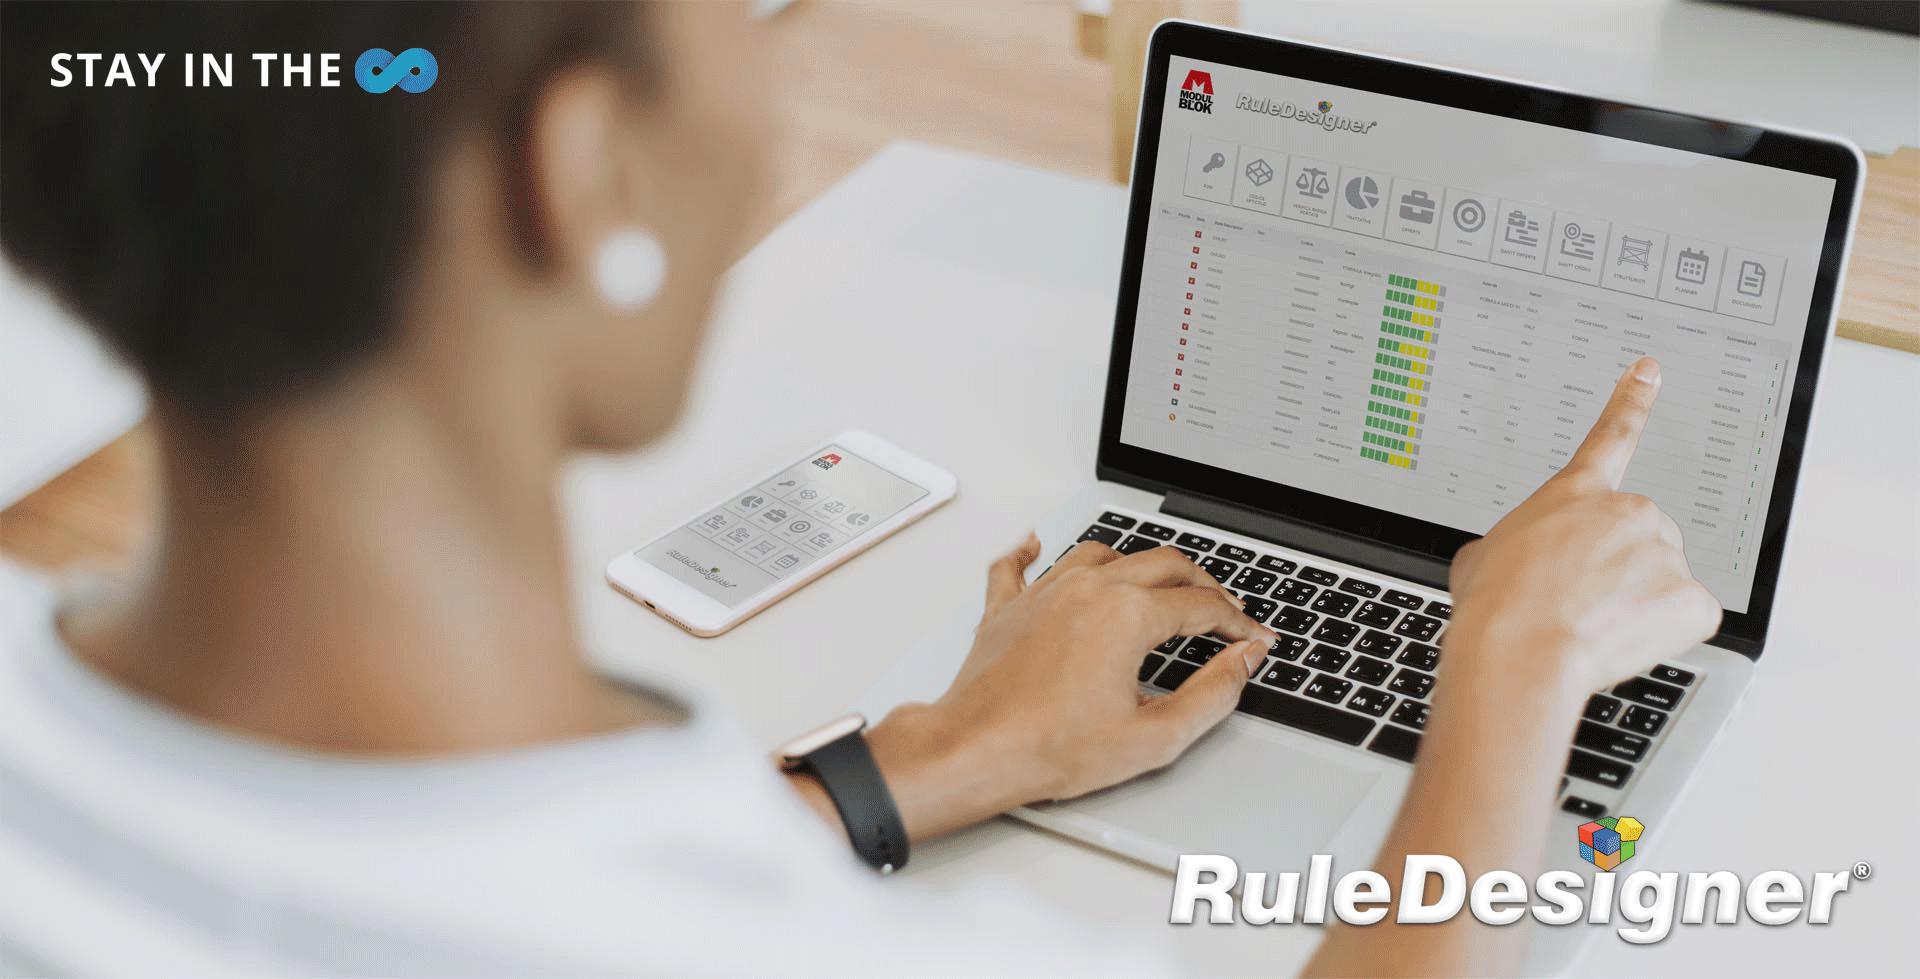 Premio Value Chain 4.0 a Modulblok spa per l'elevato grado di digitalizzazione raggiunto grazie a RuleDesigner